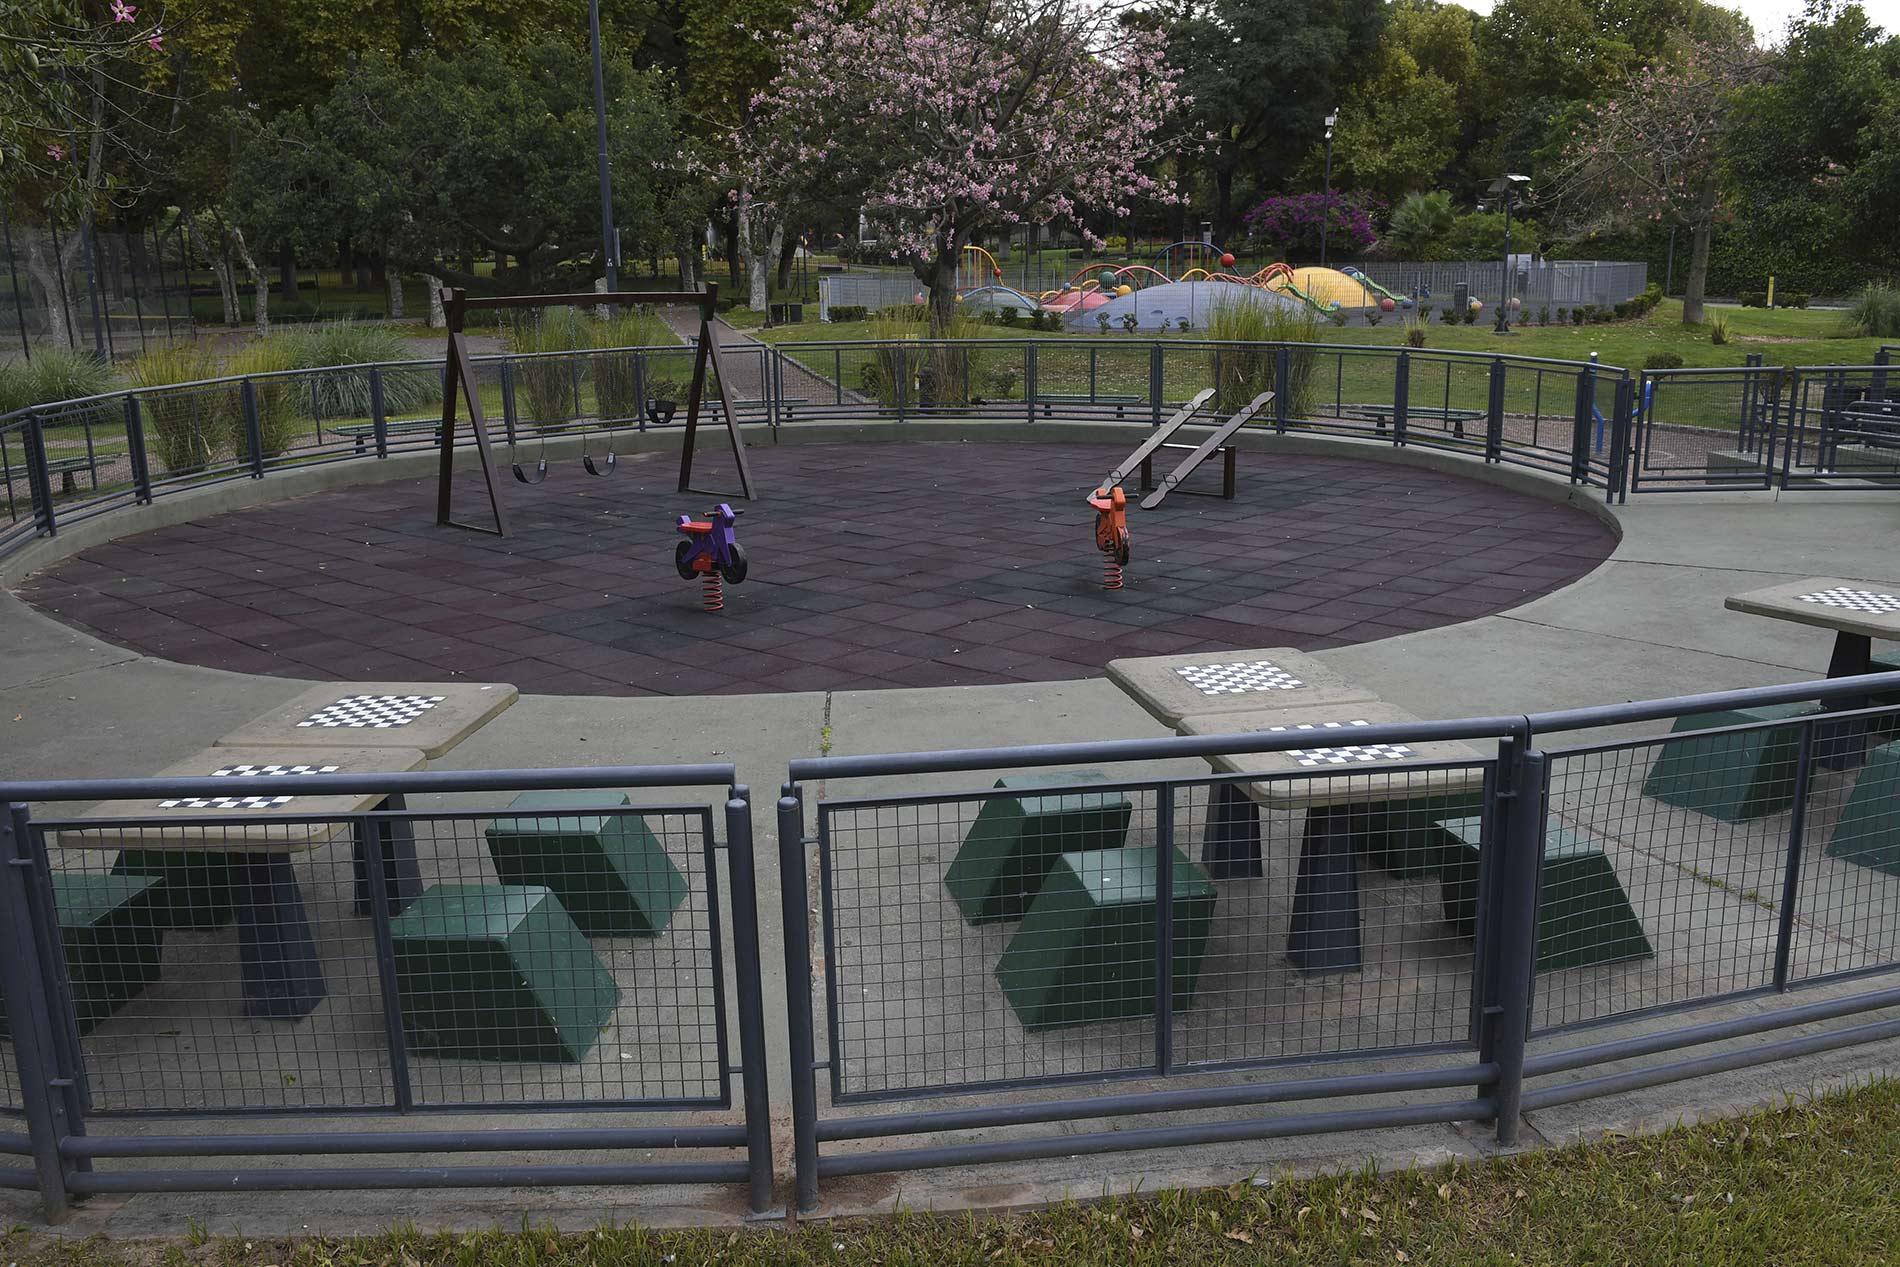 Parques y plazas vacías durante el aislamiento